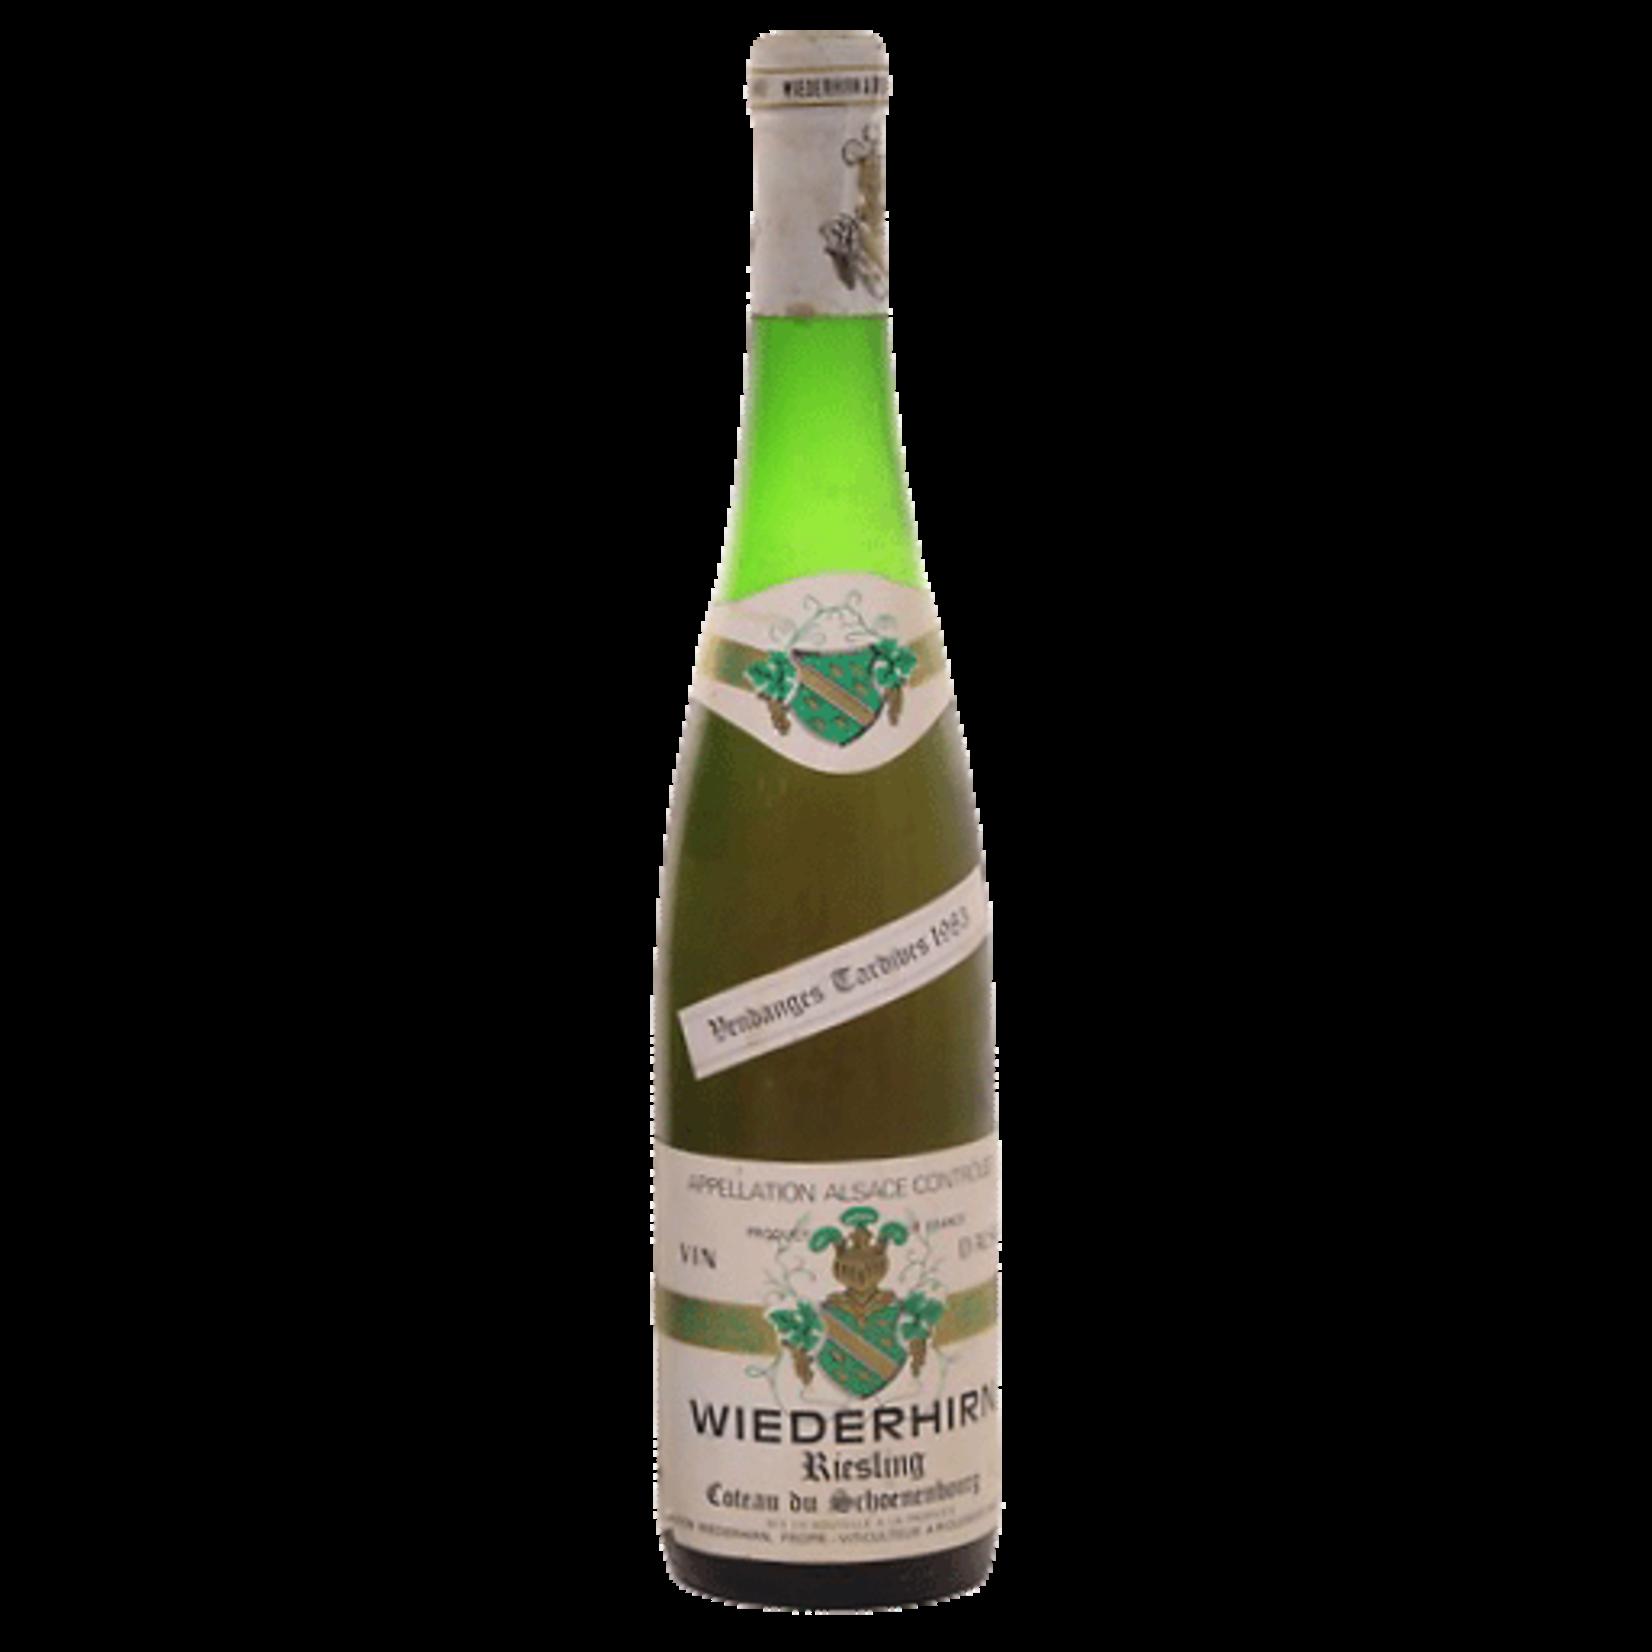 Wine Wiederhirn Riesling Alsace Vendanges Tardives 1983